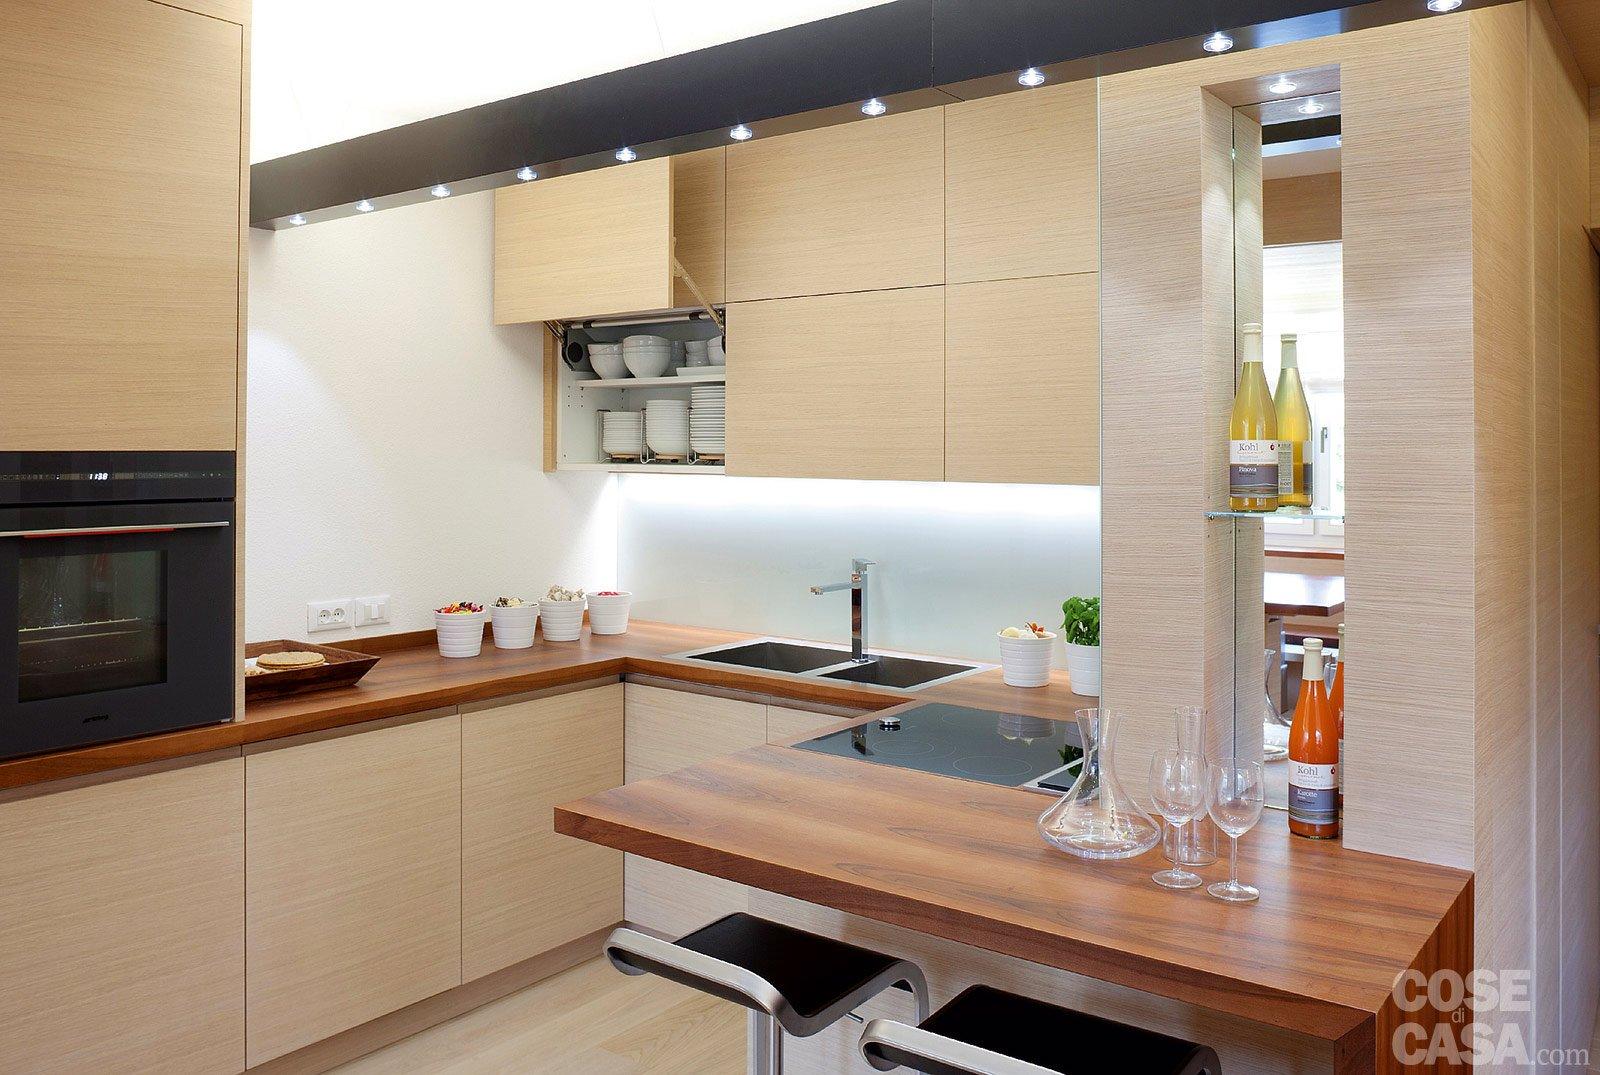 arredare cucina piccola con porta finestra, arredare cucina ... - Soggiorno Cucina Con Camino